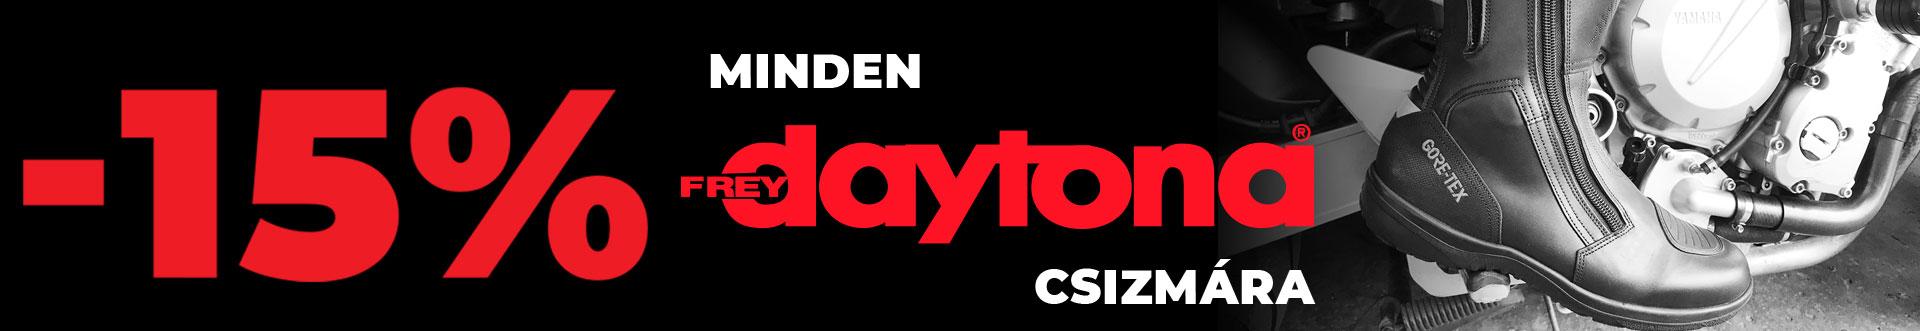 Daytona 15%